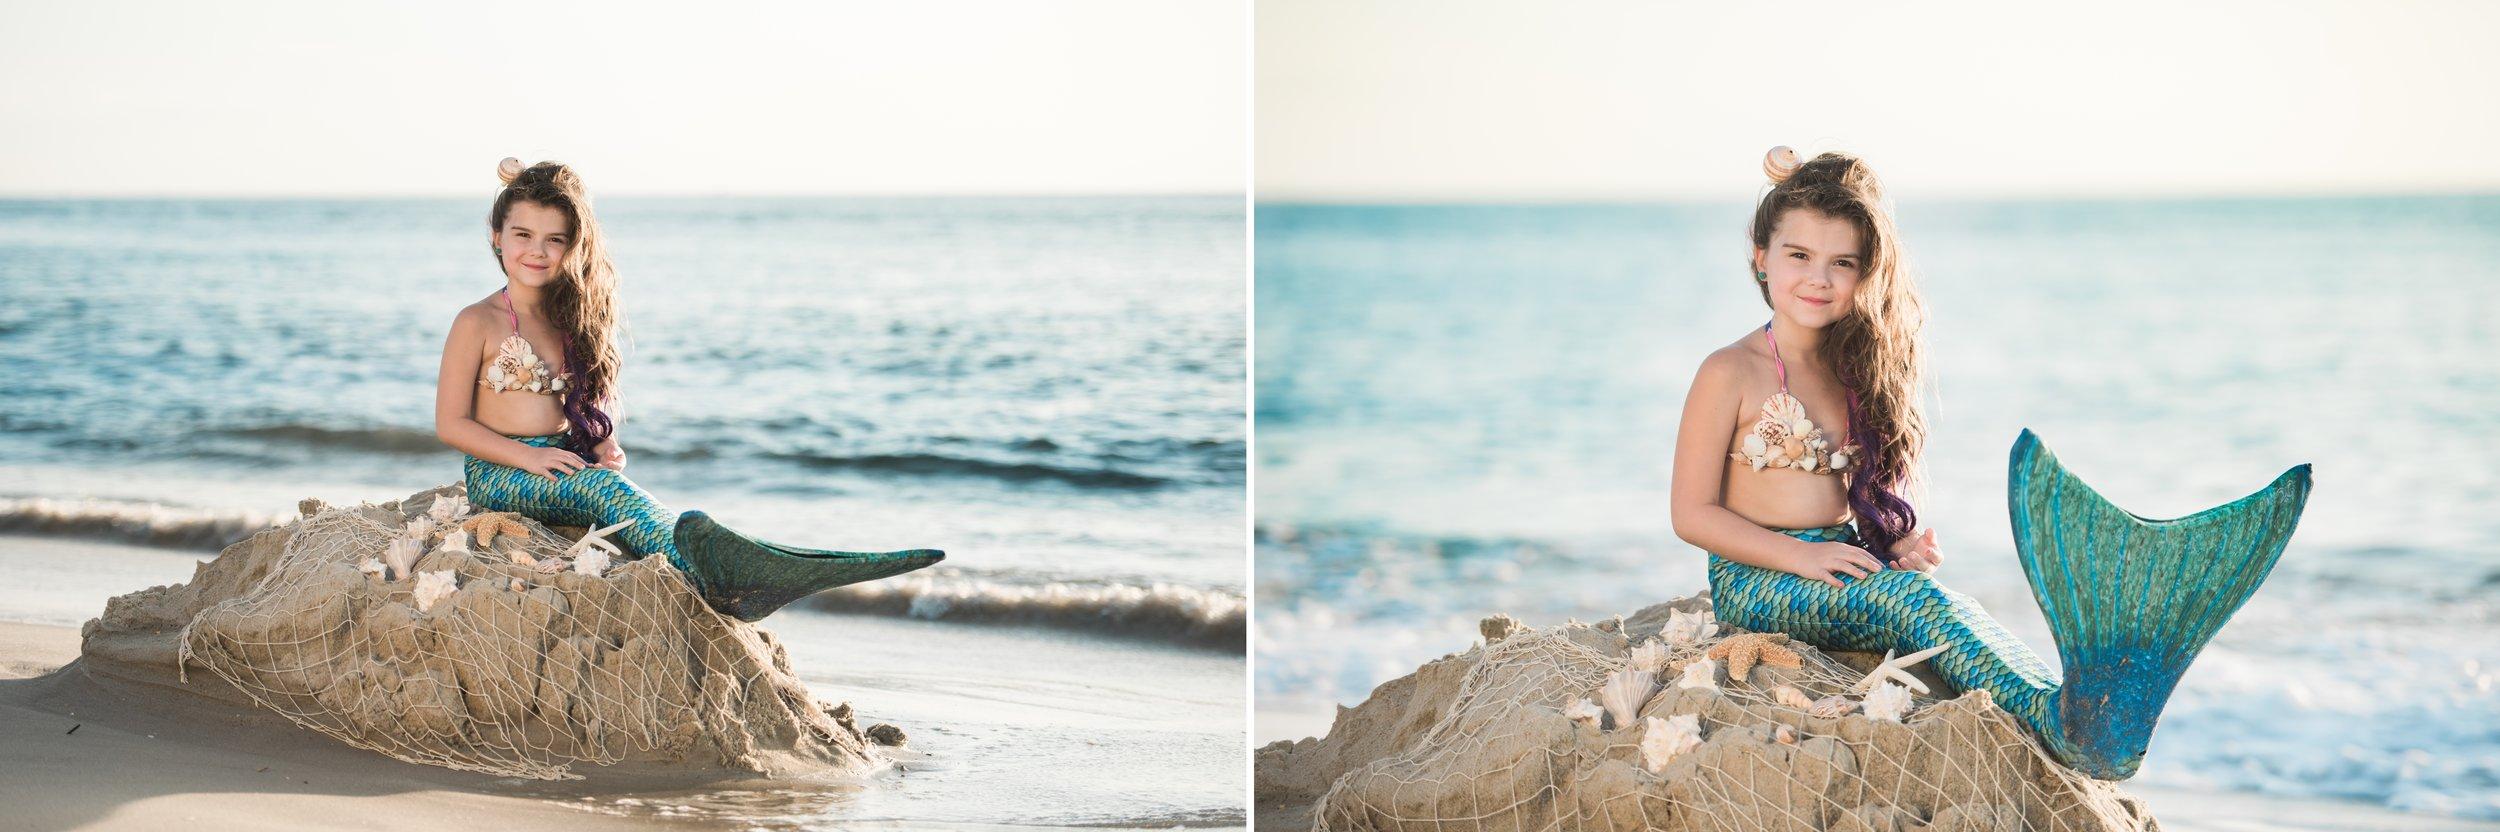 lauren mermaid 2.jpg